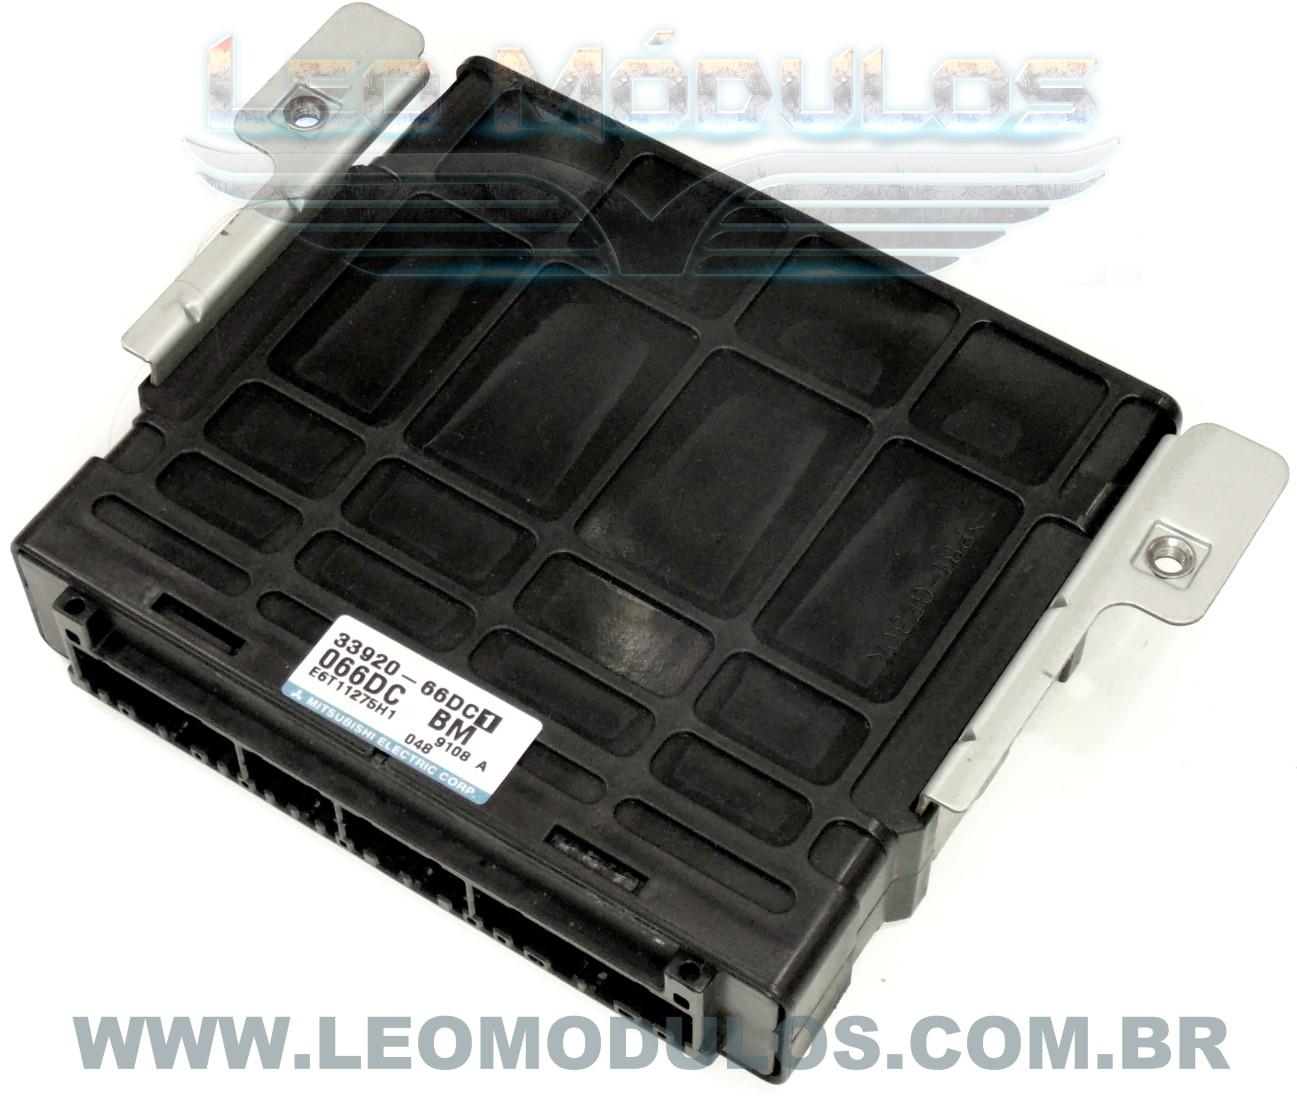 Módulo de injeção - 33920-66DC1 066DC BM E6T11275H1 - Suzuki Grand Vitara 1.6 16V - Leo Módulos